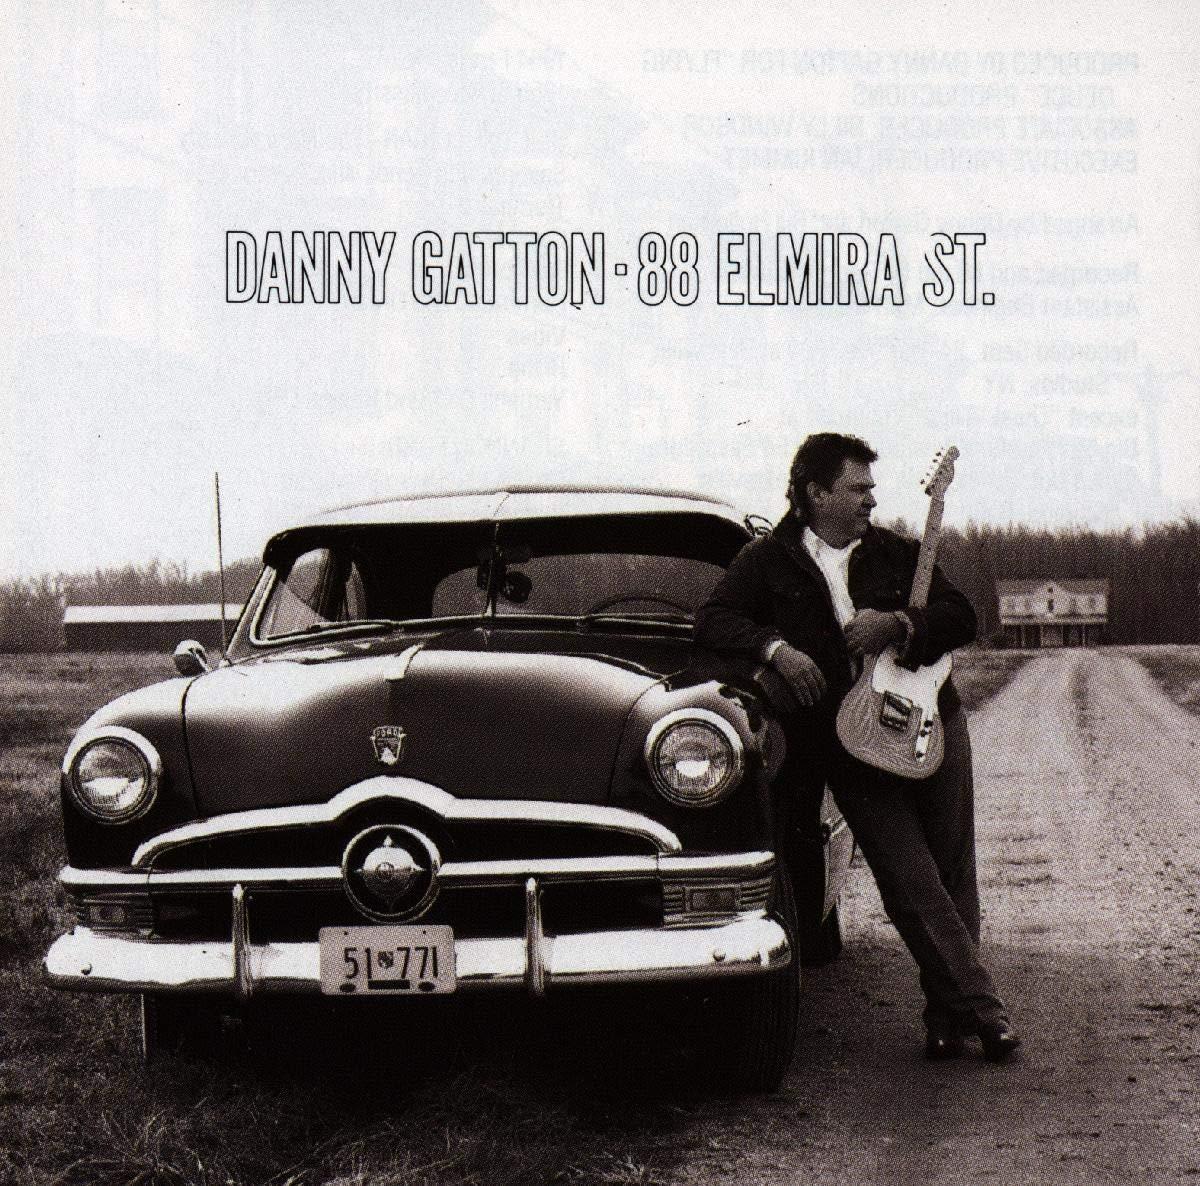 Danny Gatton - 88 Elmira St. [LP]